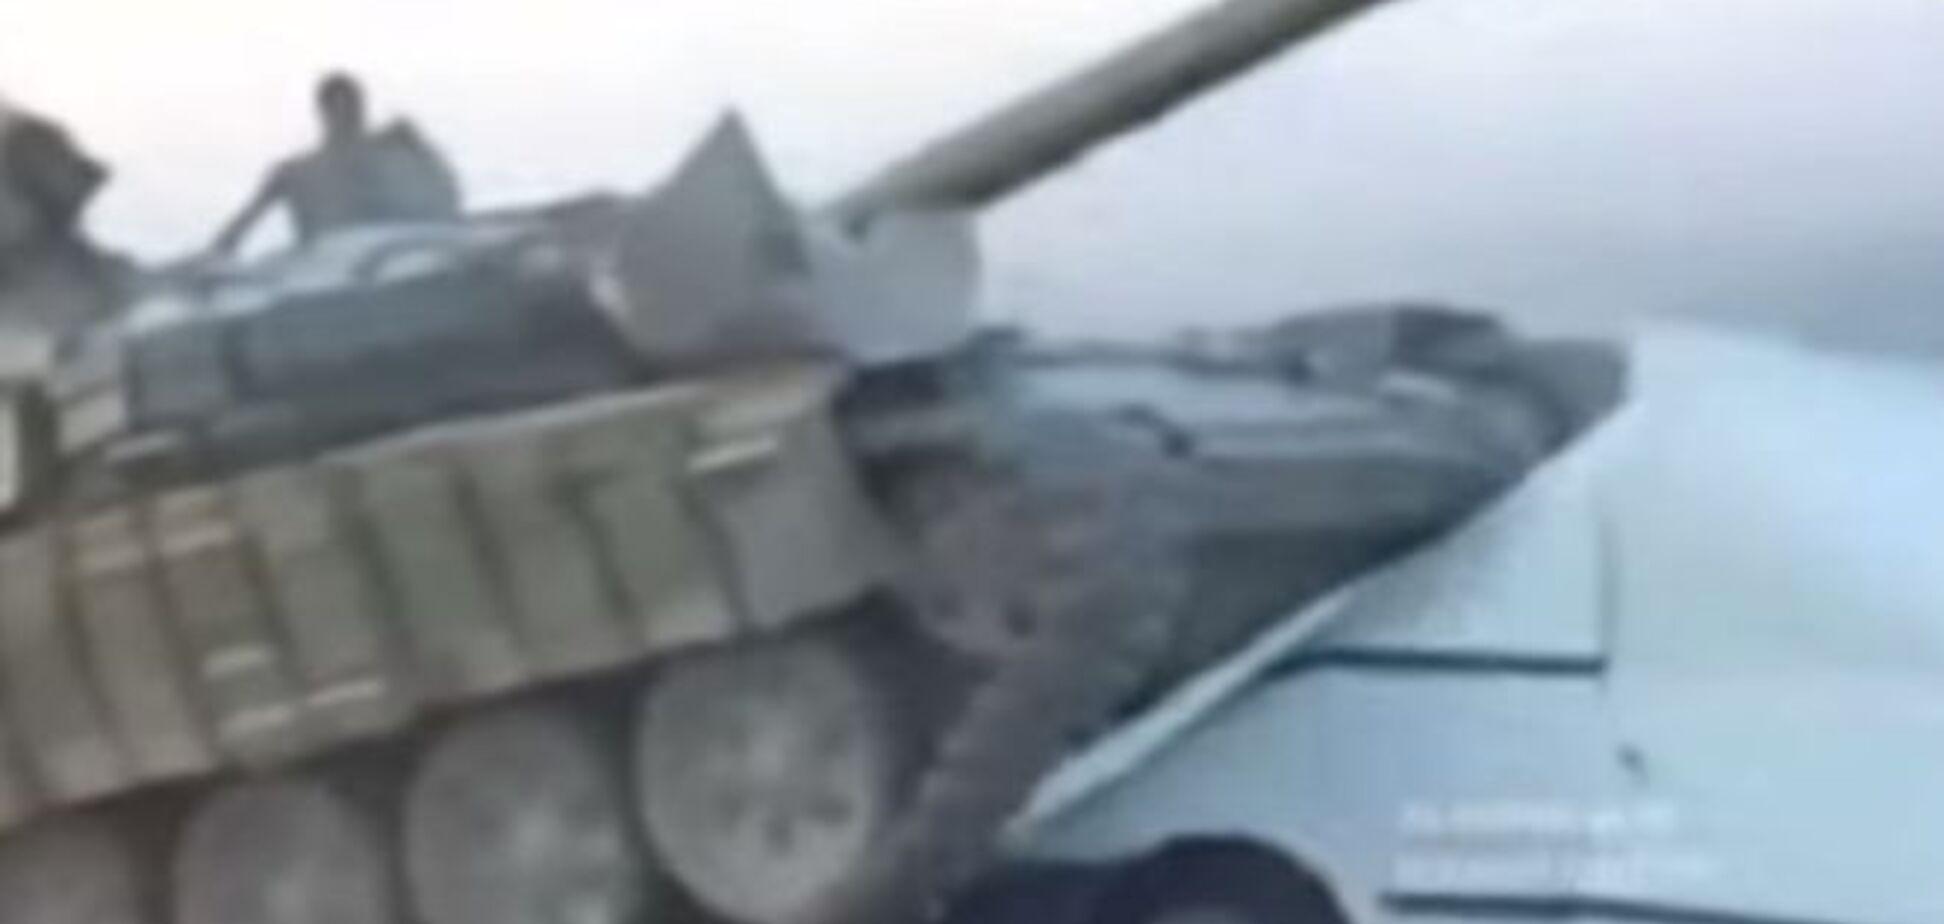 'Путинские мародеры': террористы ради 'прикола' раздавили танком микроавтобус. Видеофакт